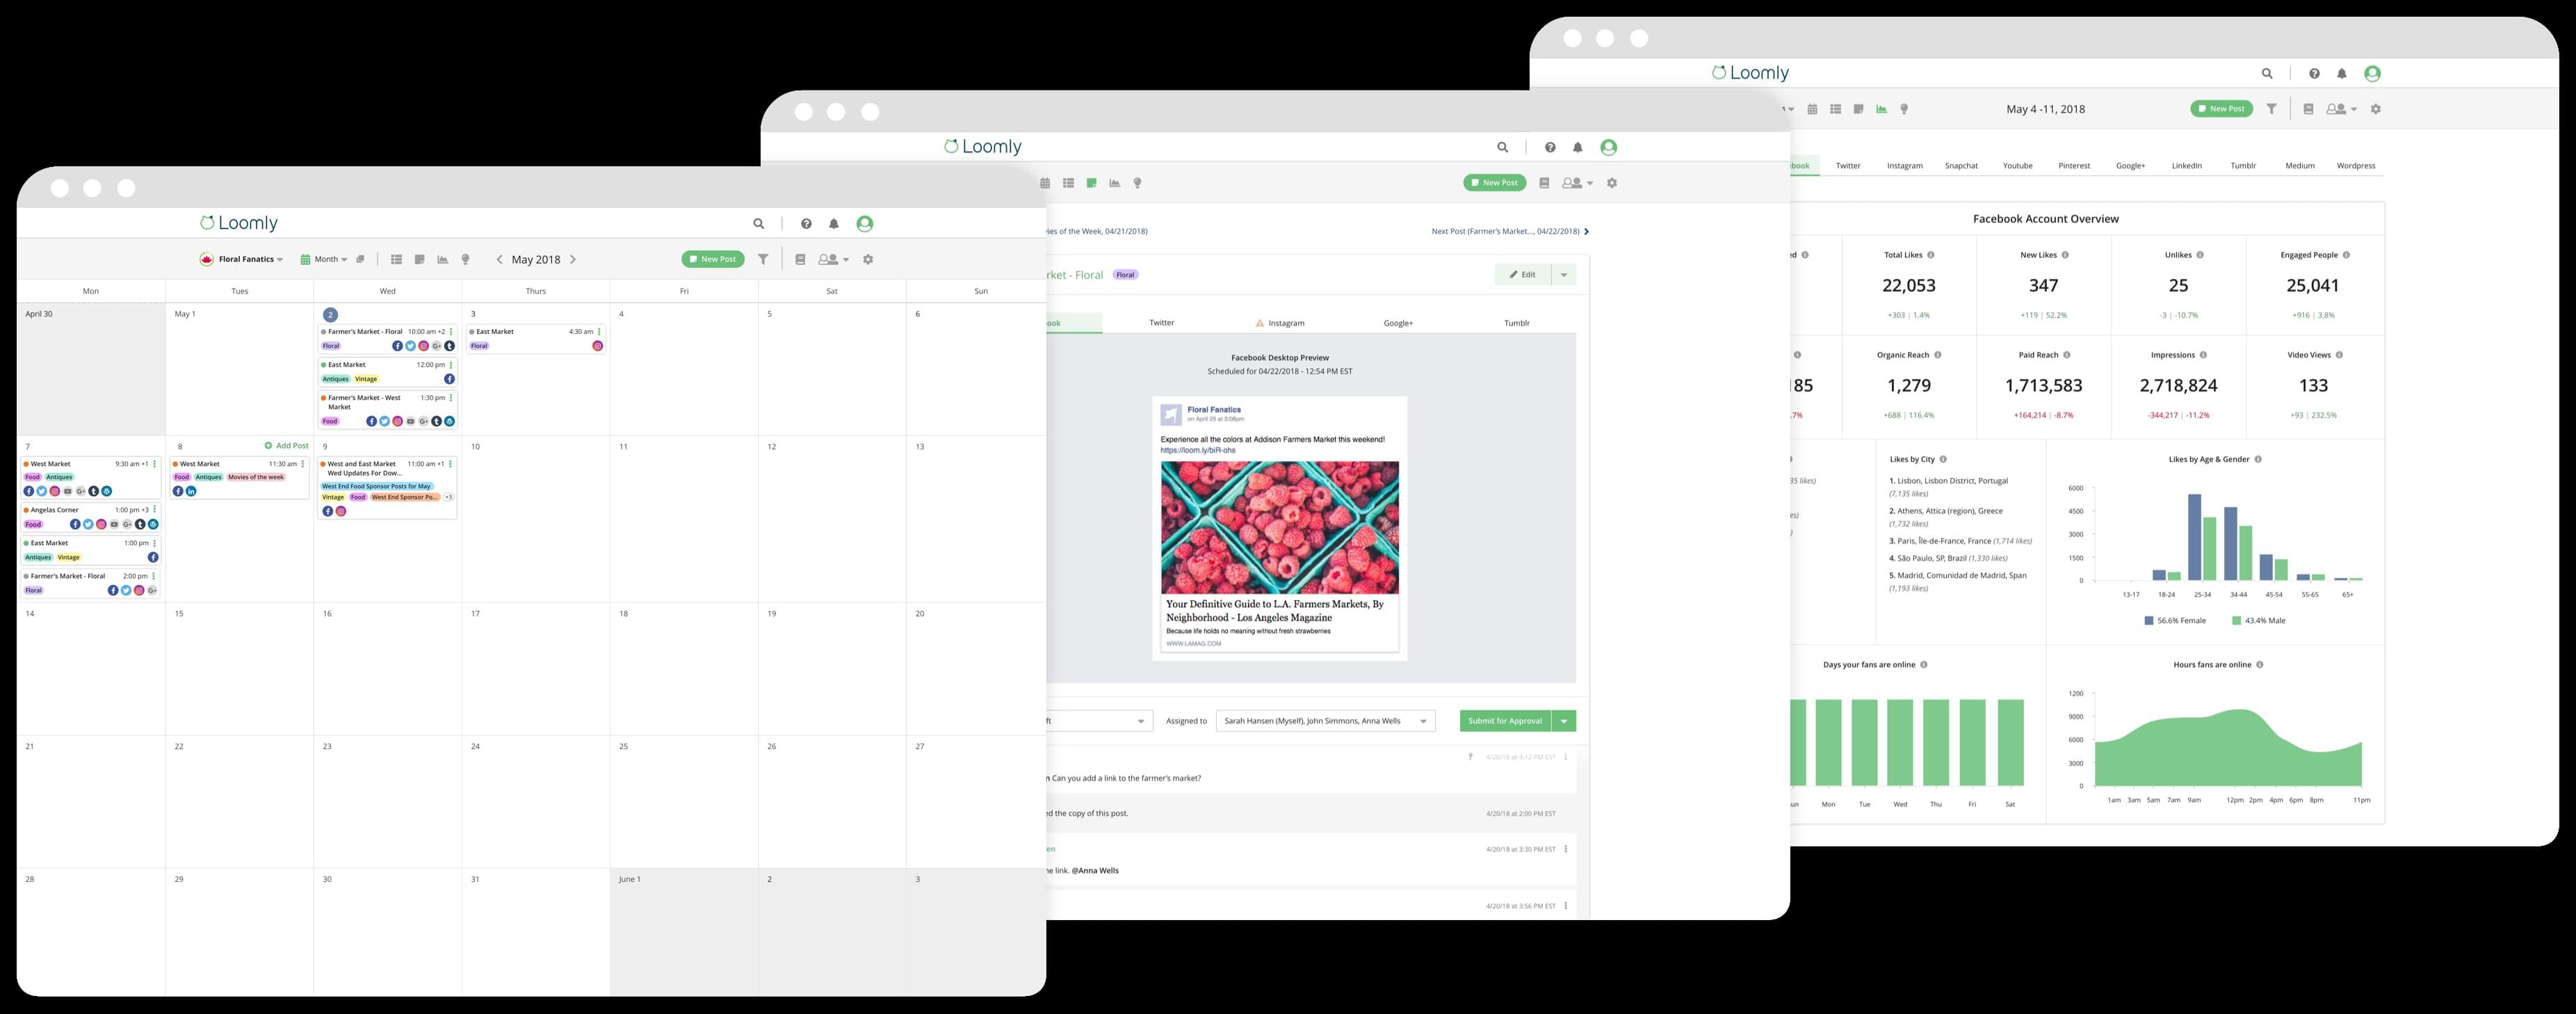 Herramientas para programar publicaciones en Facebook: Loomly